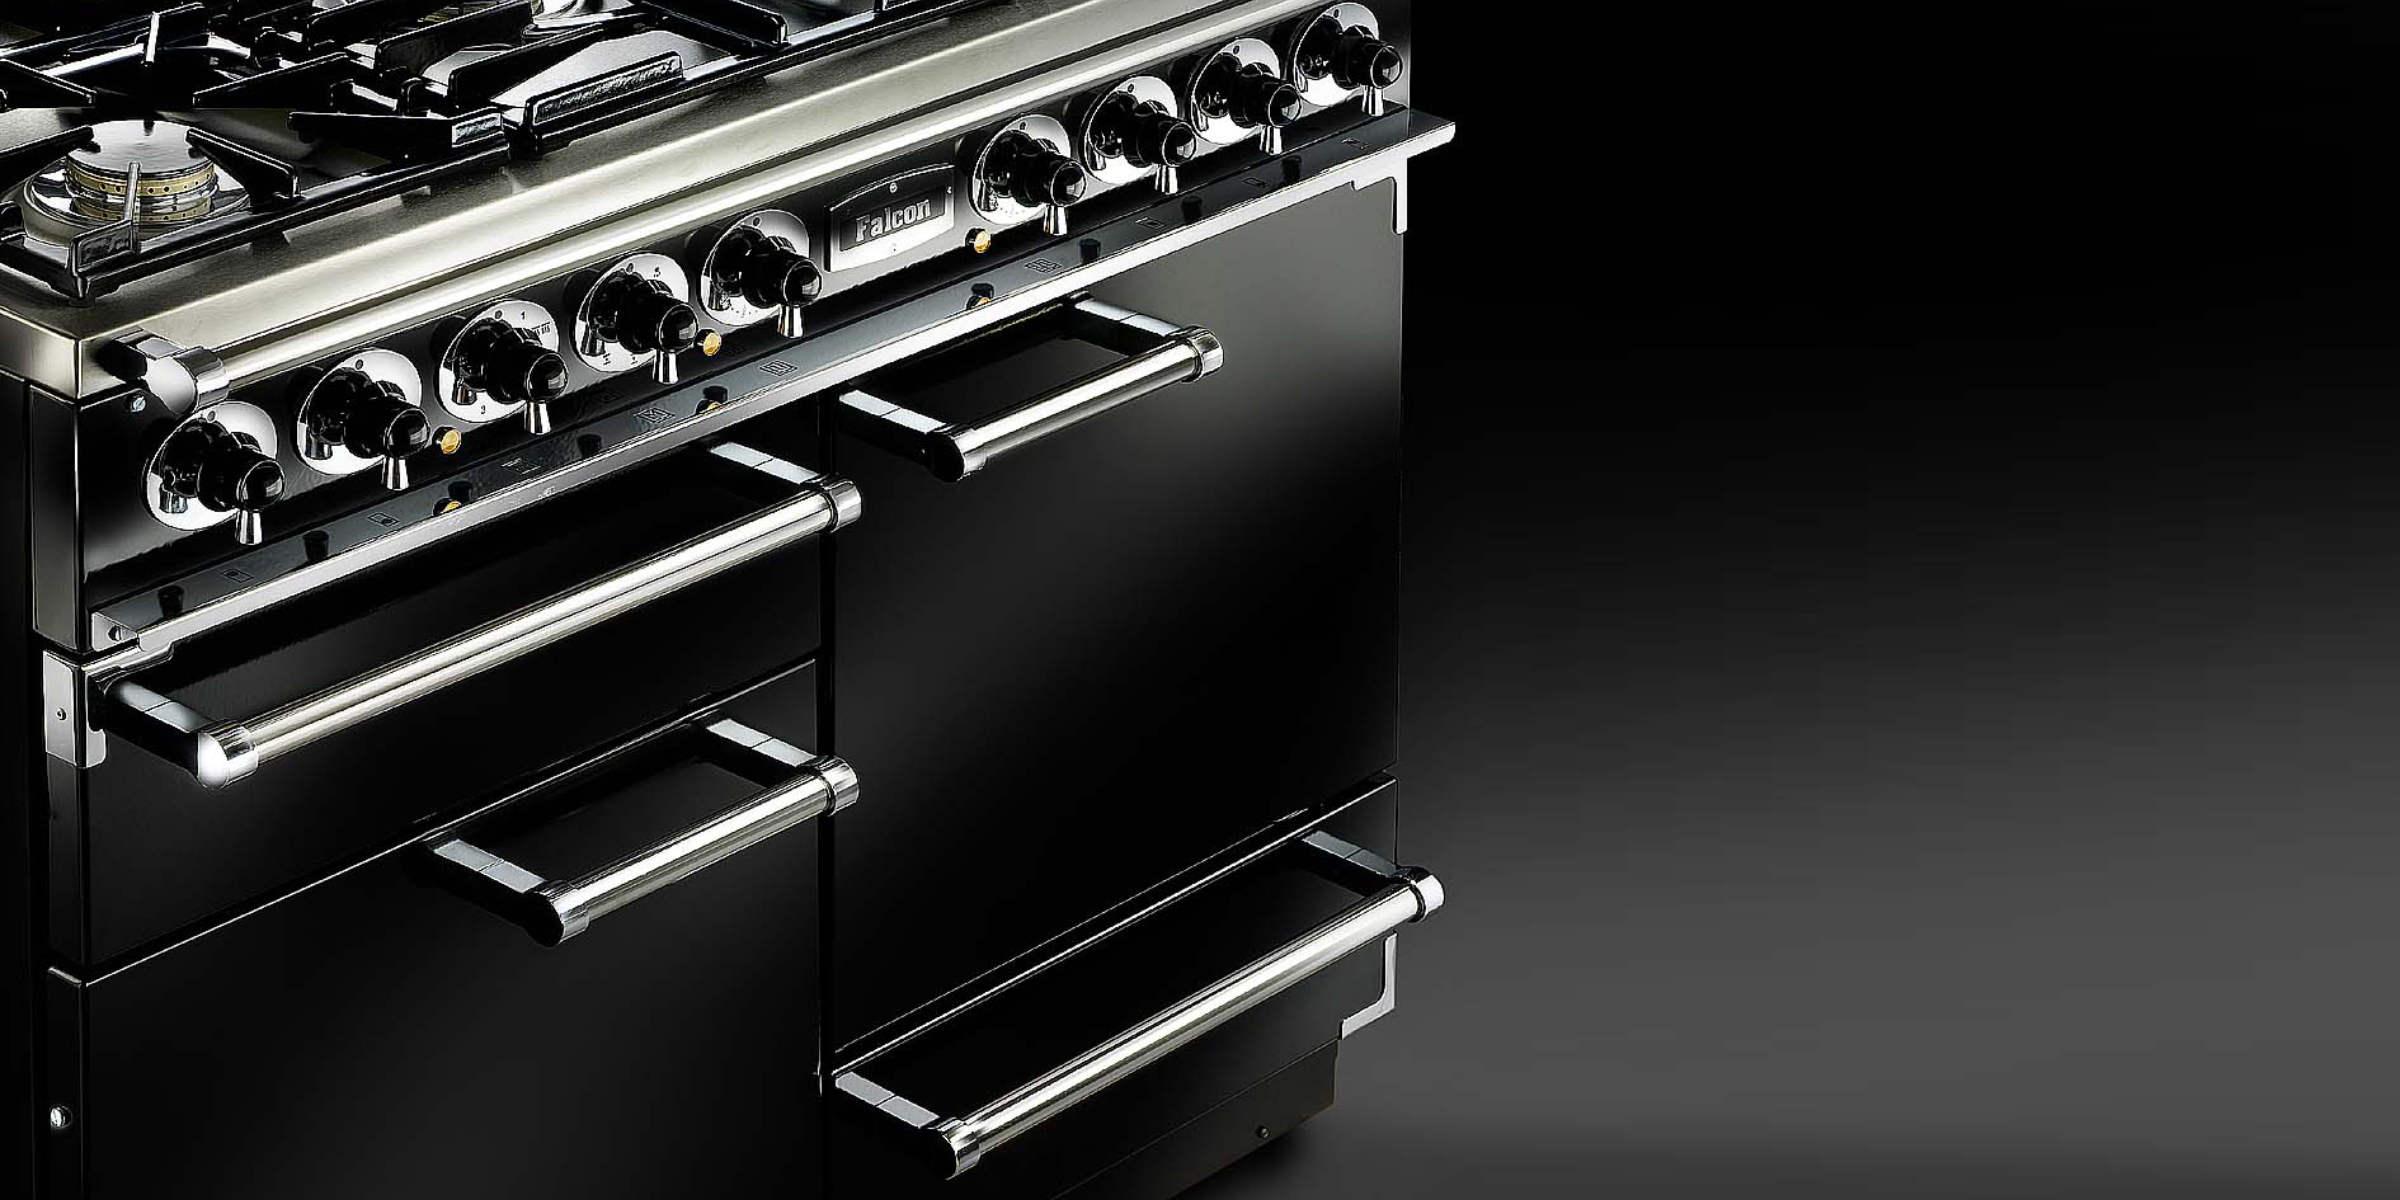 Falcon 1092  Dual  Fuel  Black  Chrome  Trim Feature  Side View12